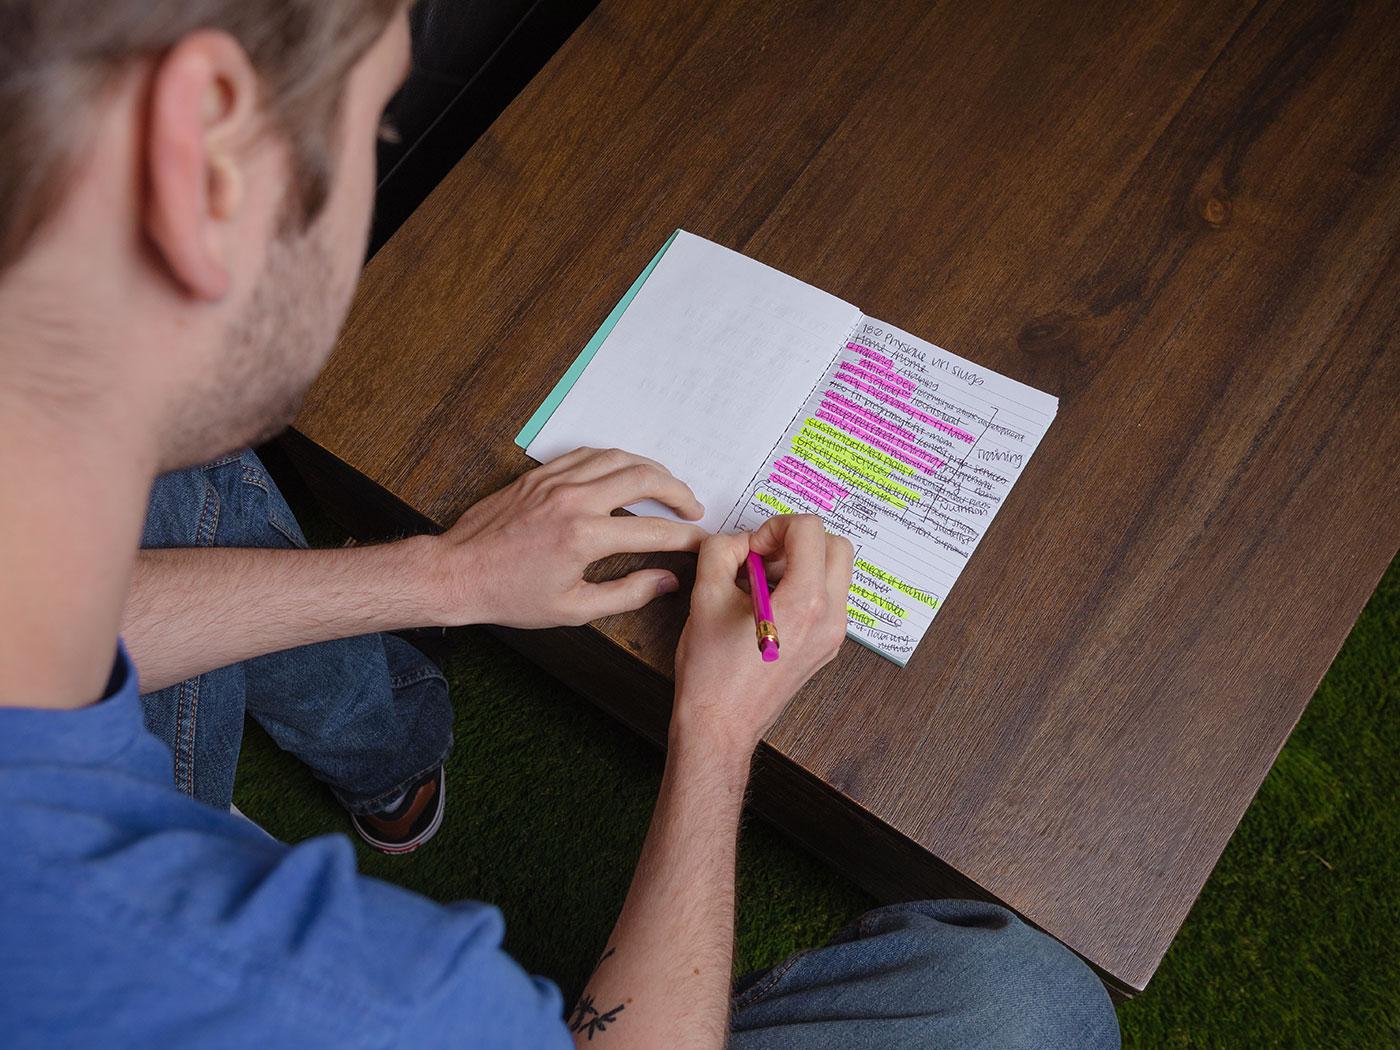 designer taking notes